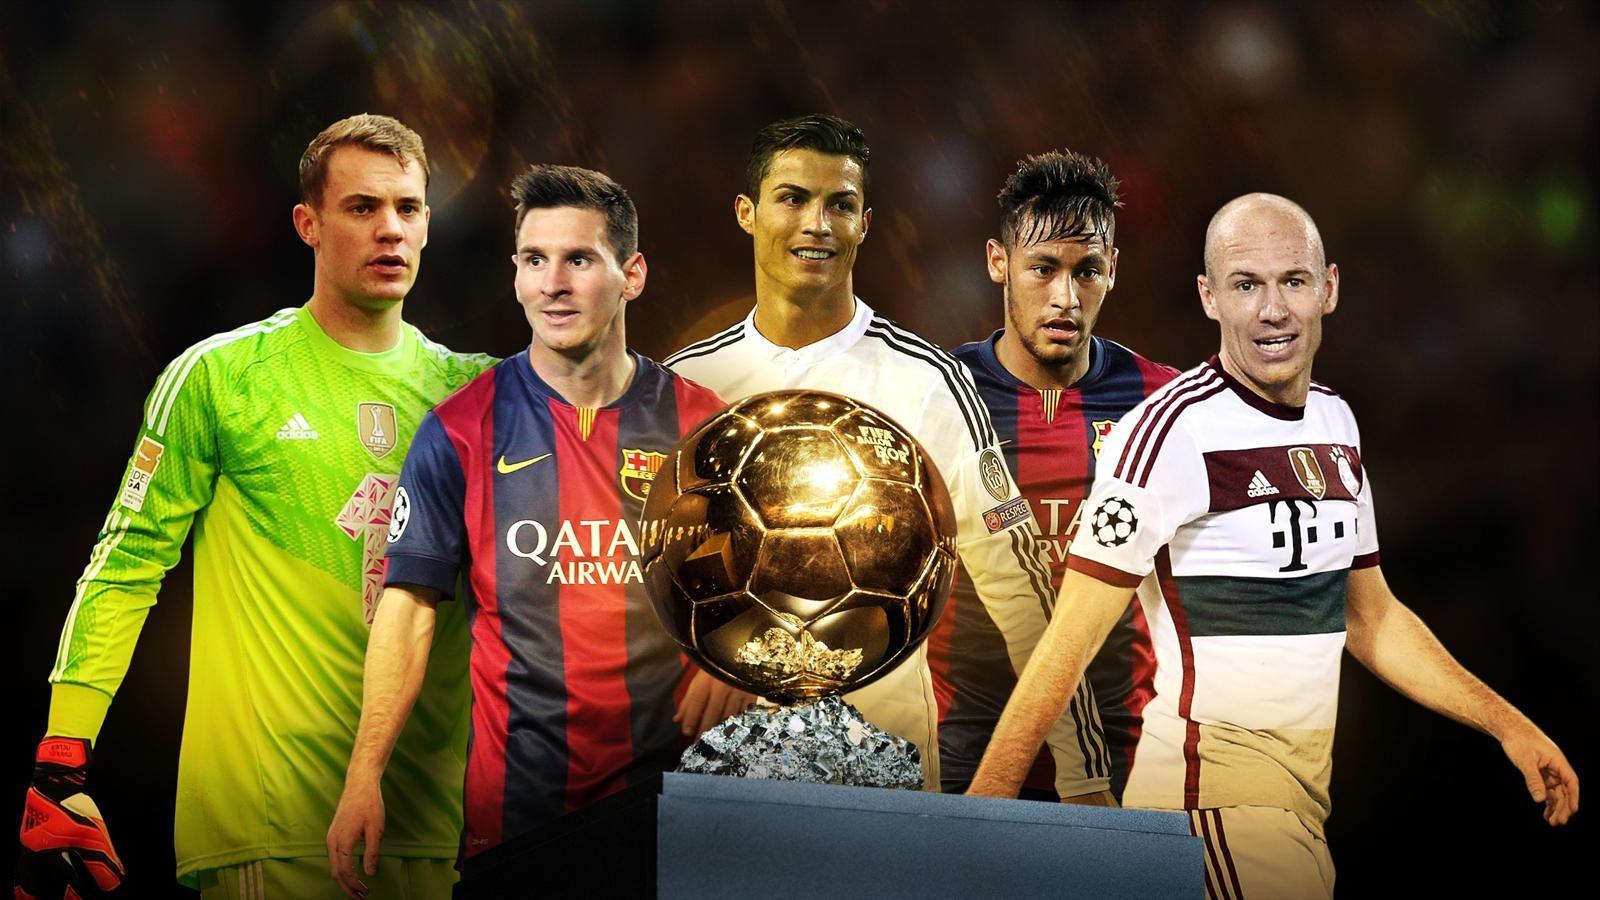 ميسي .. رونالدو أم نيمار .. من سيحمل الكرة الذهبية؟